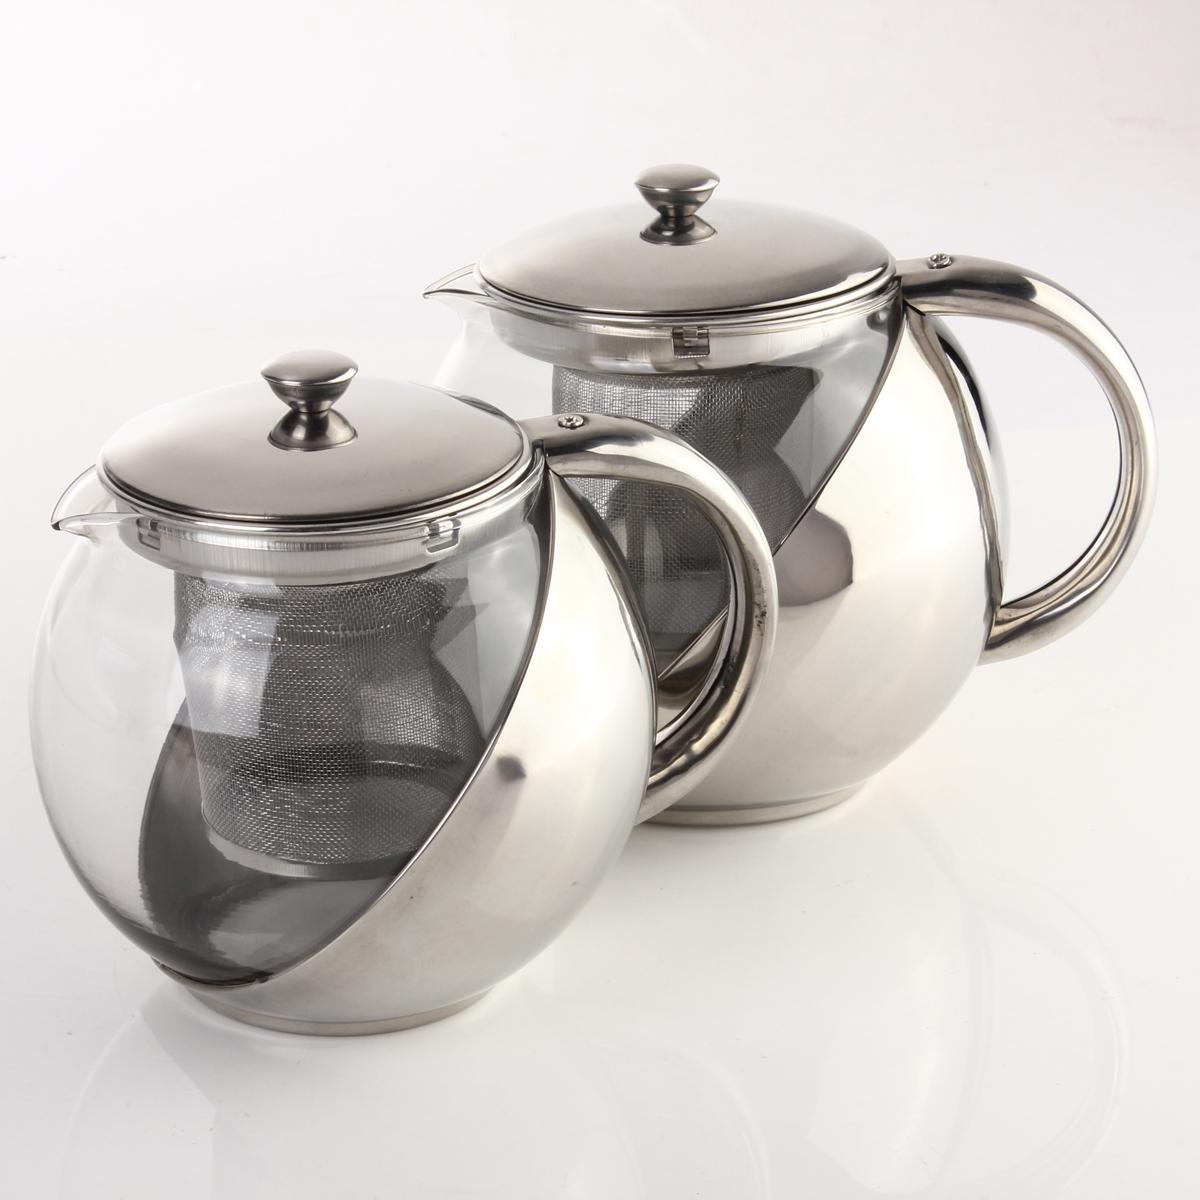 moderne verre th i re pot acier inoxydable avec filtre. Black Bedroom Furniture Sets. Home Design Ideas